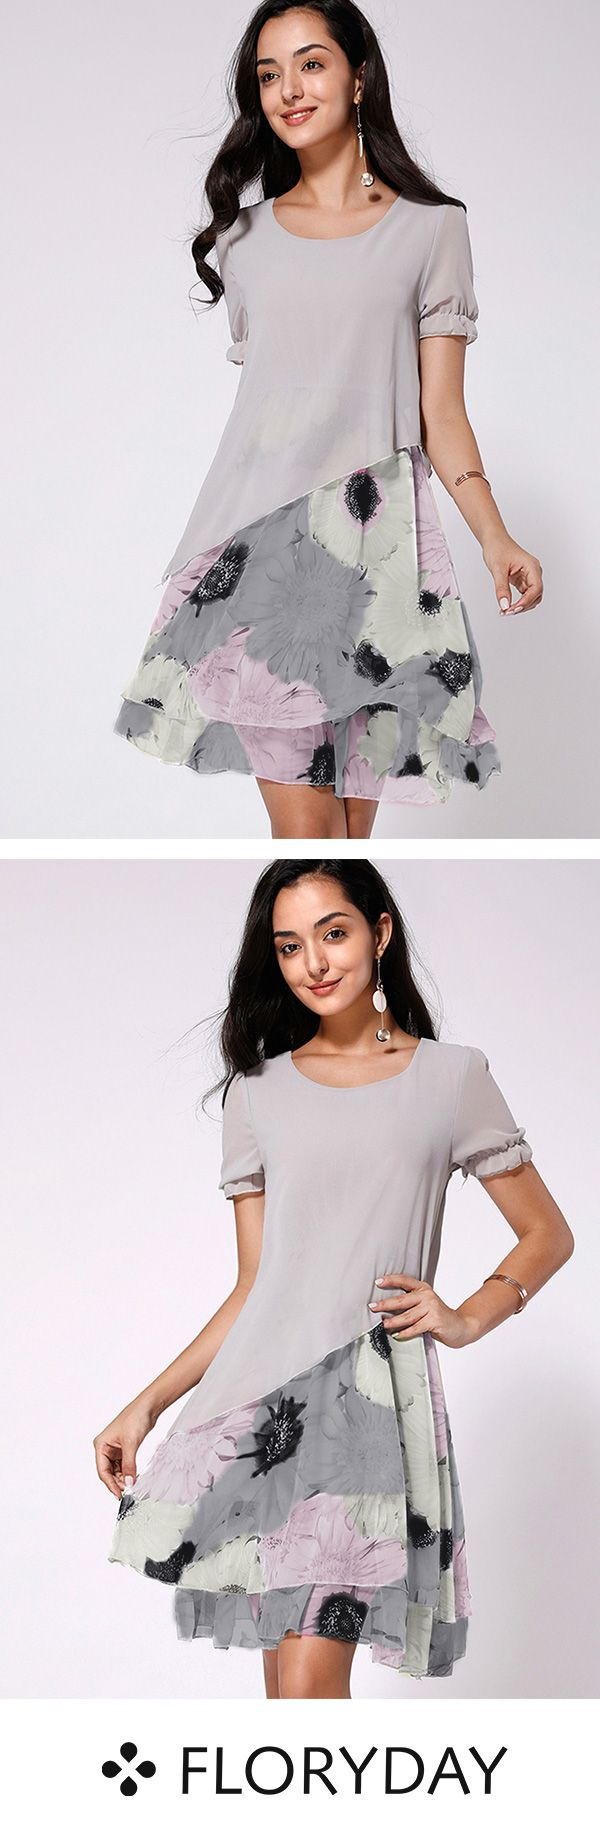 Knielanges Kleid mit kurzen Ärmel und Blumenmuster #frenchgirlstyle